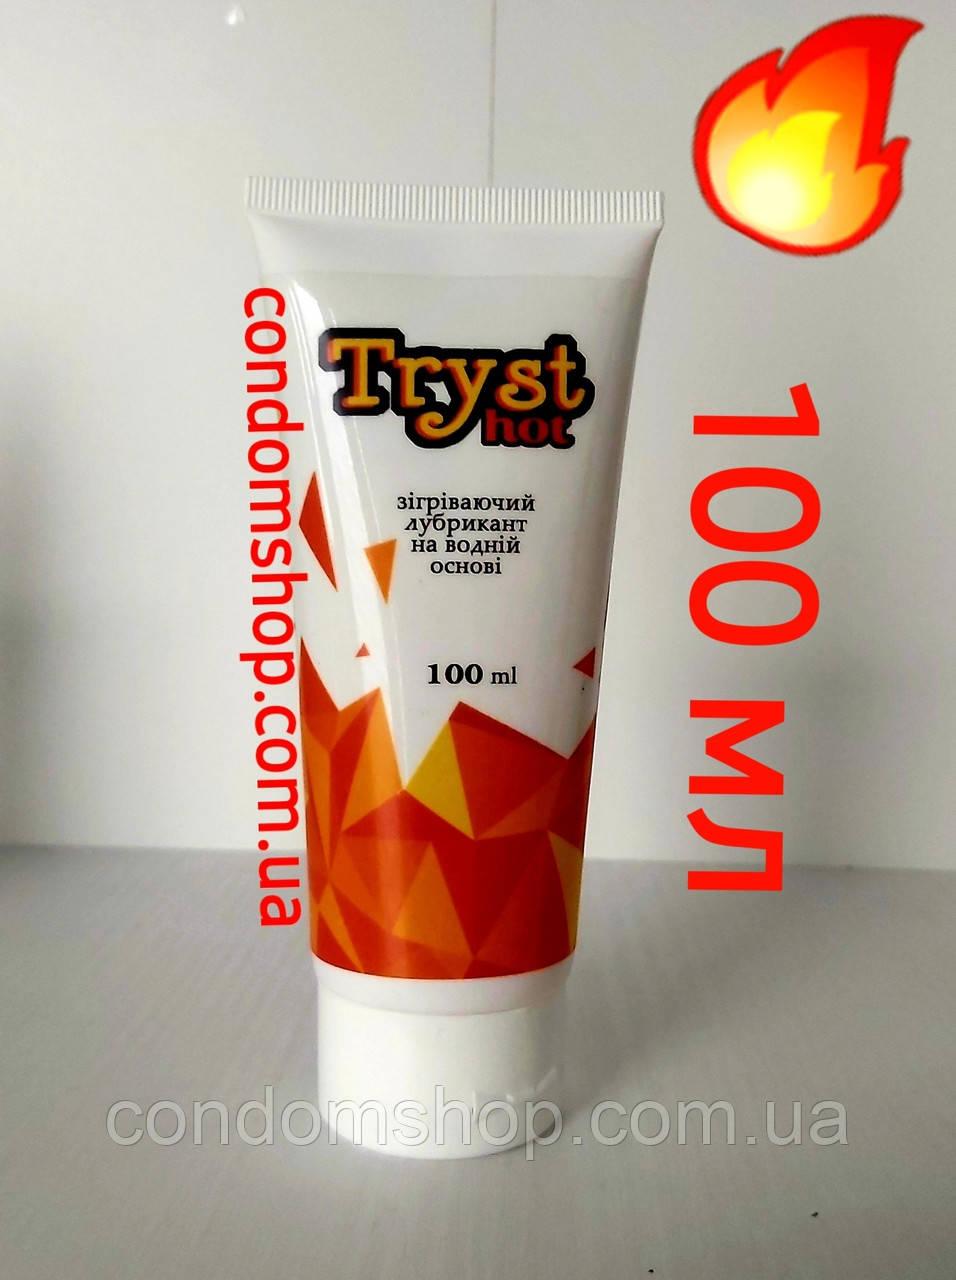 Гель-смазка  Tryst  hot 100 мл Возбуждающая согревающая  .Украина